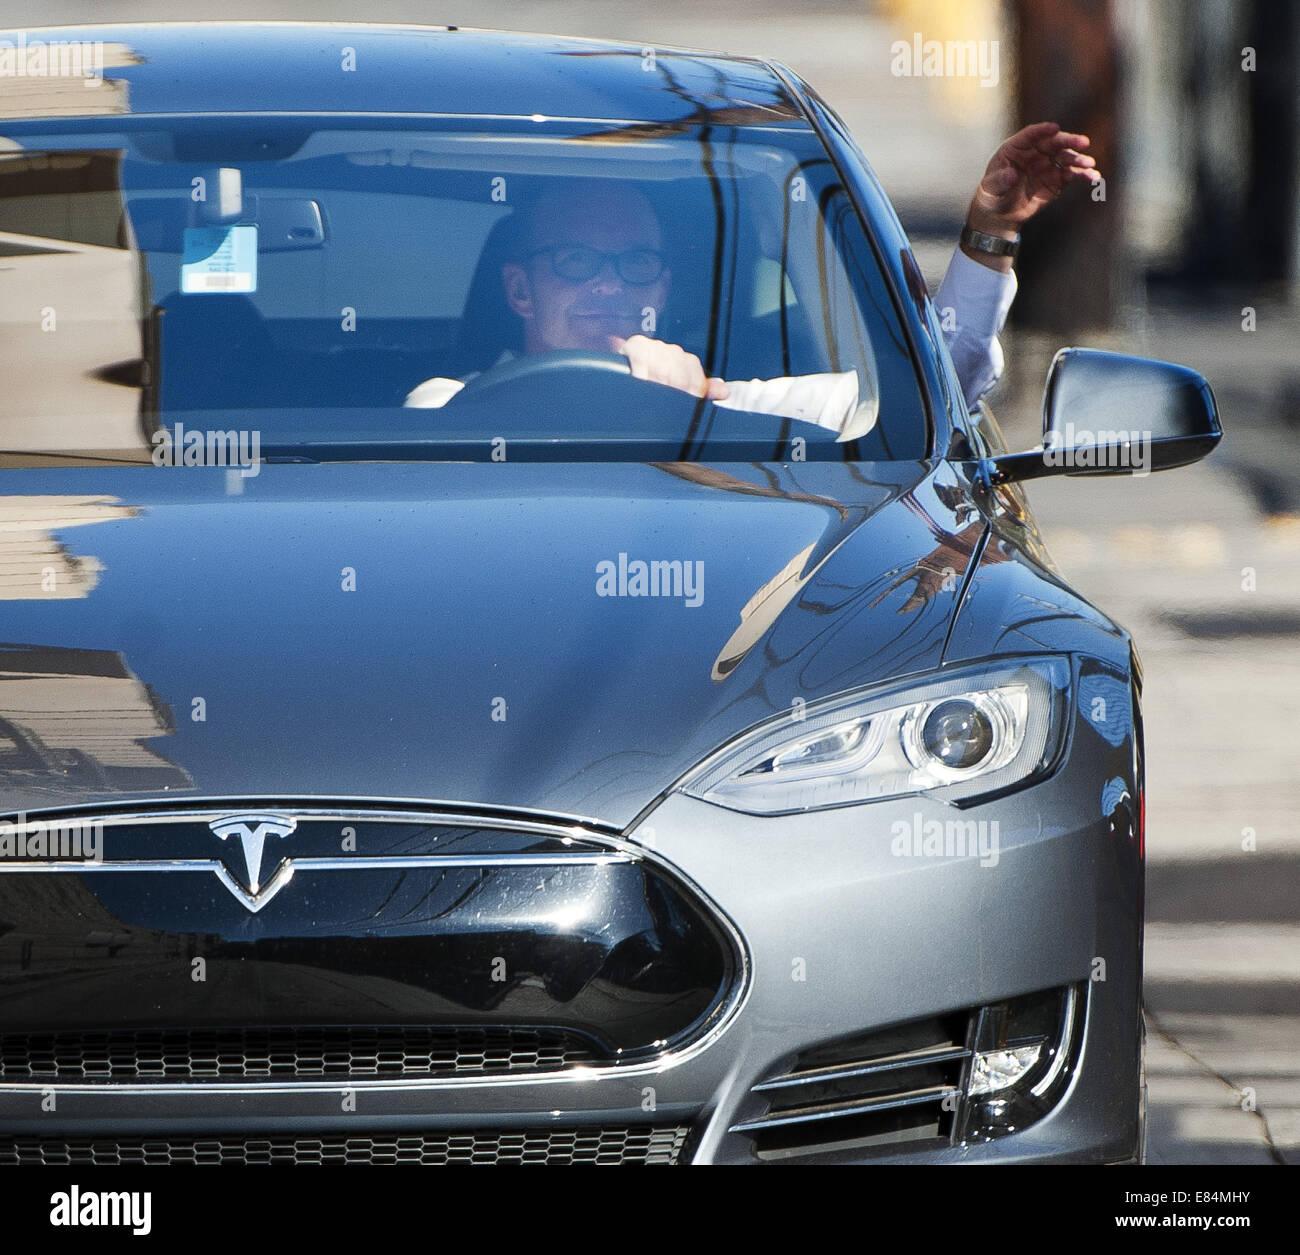 Hollywood, California, USA. 29th Sep, 2014. Clark Greg arrives for ...